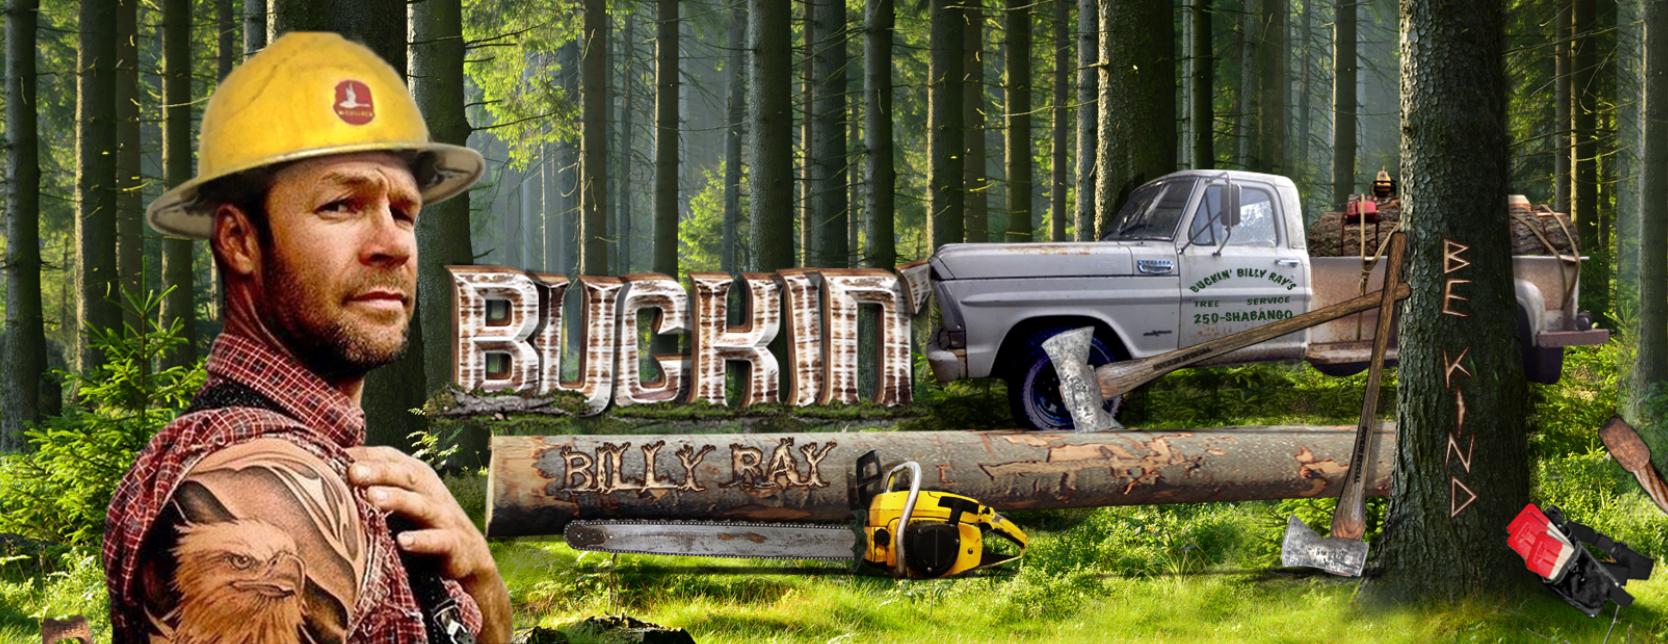 buknstock-banner